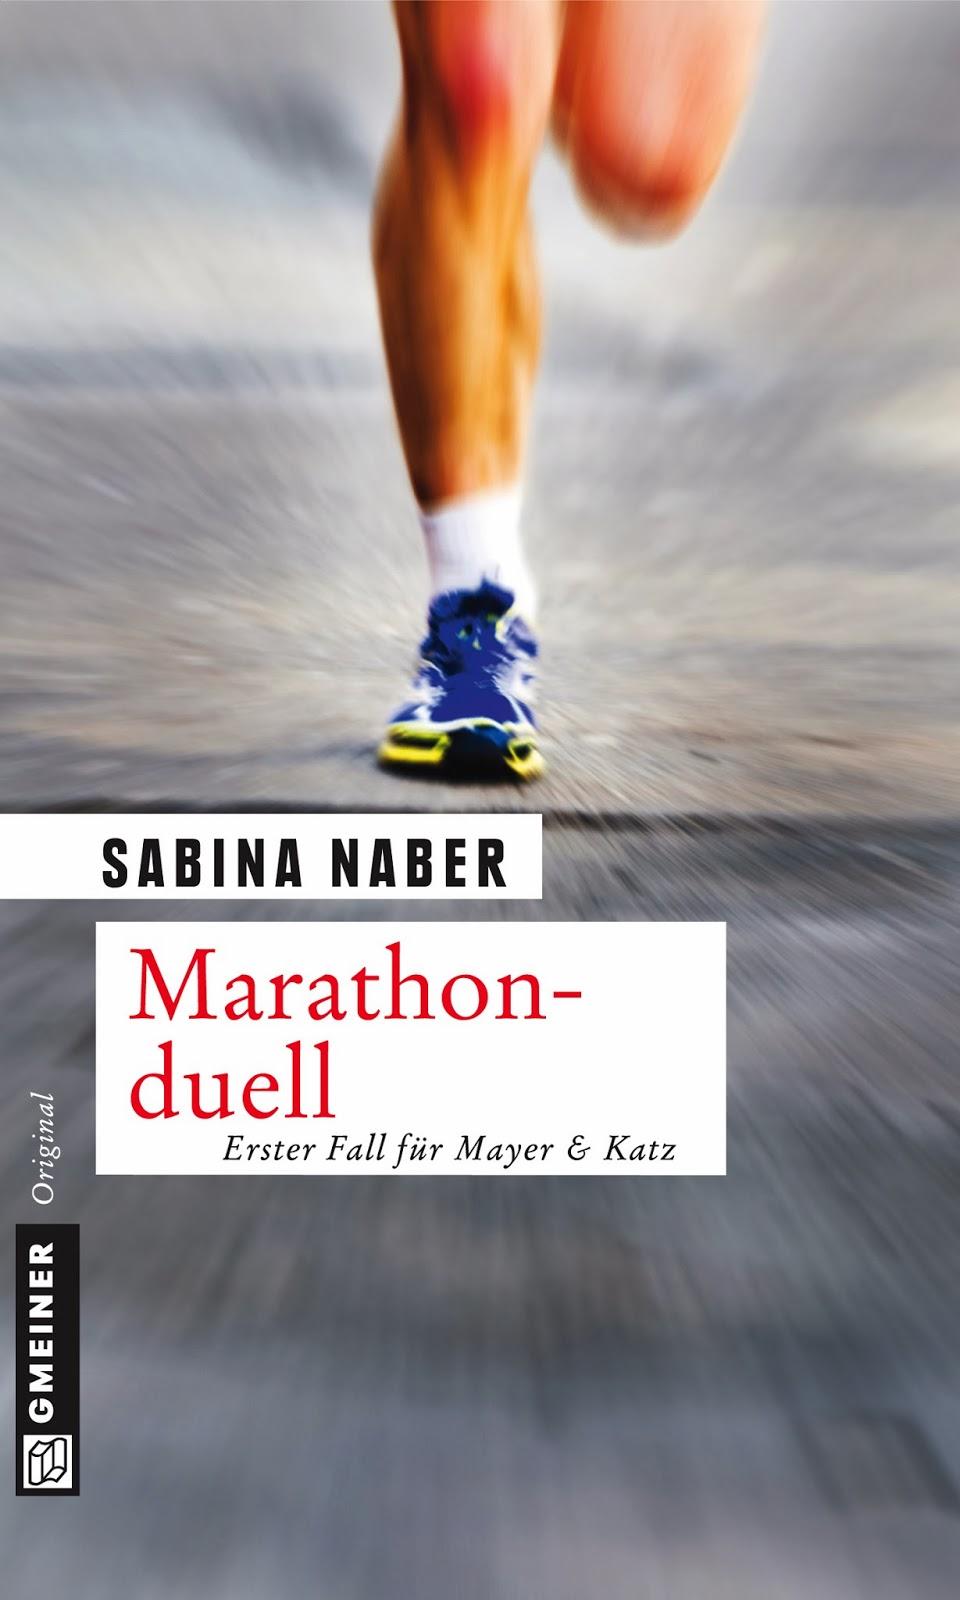 http://www.gmeiner-verlag.de/programm/titel/626-marathonduell.html